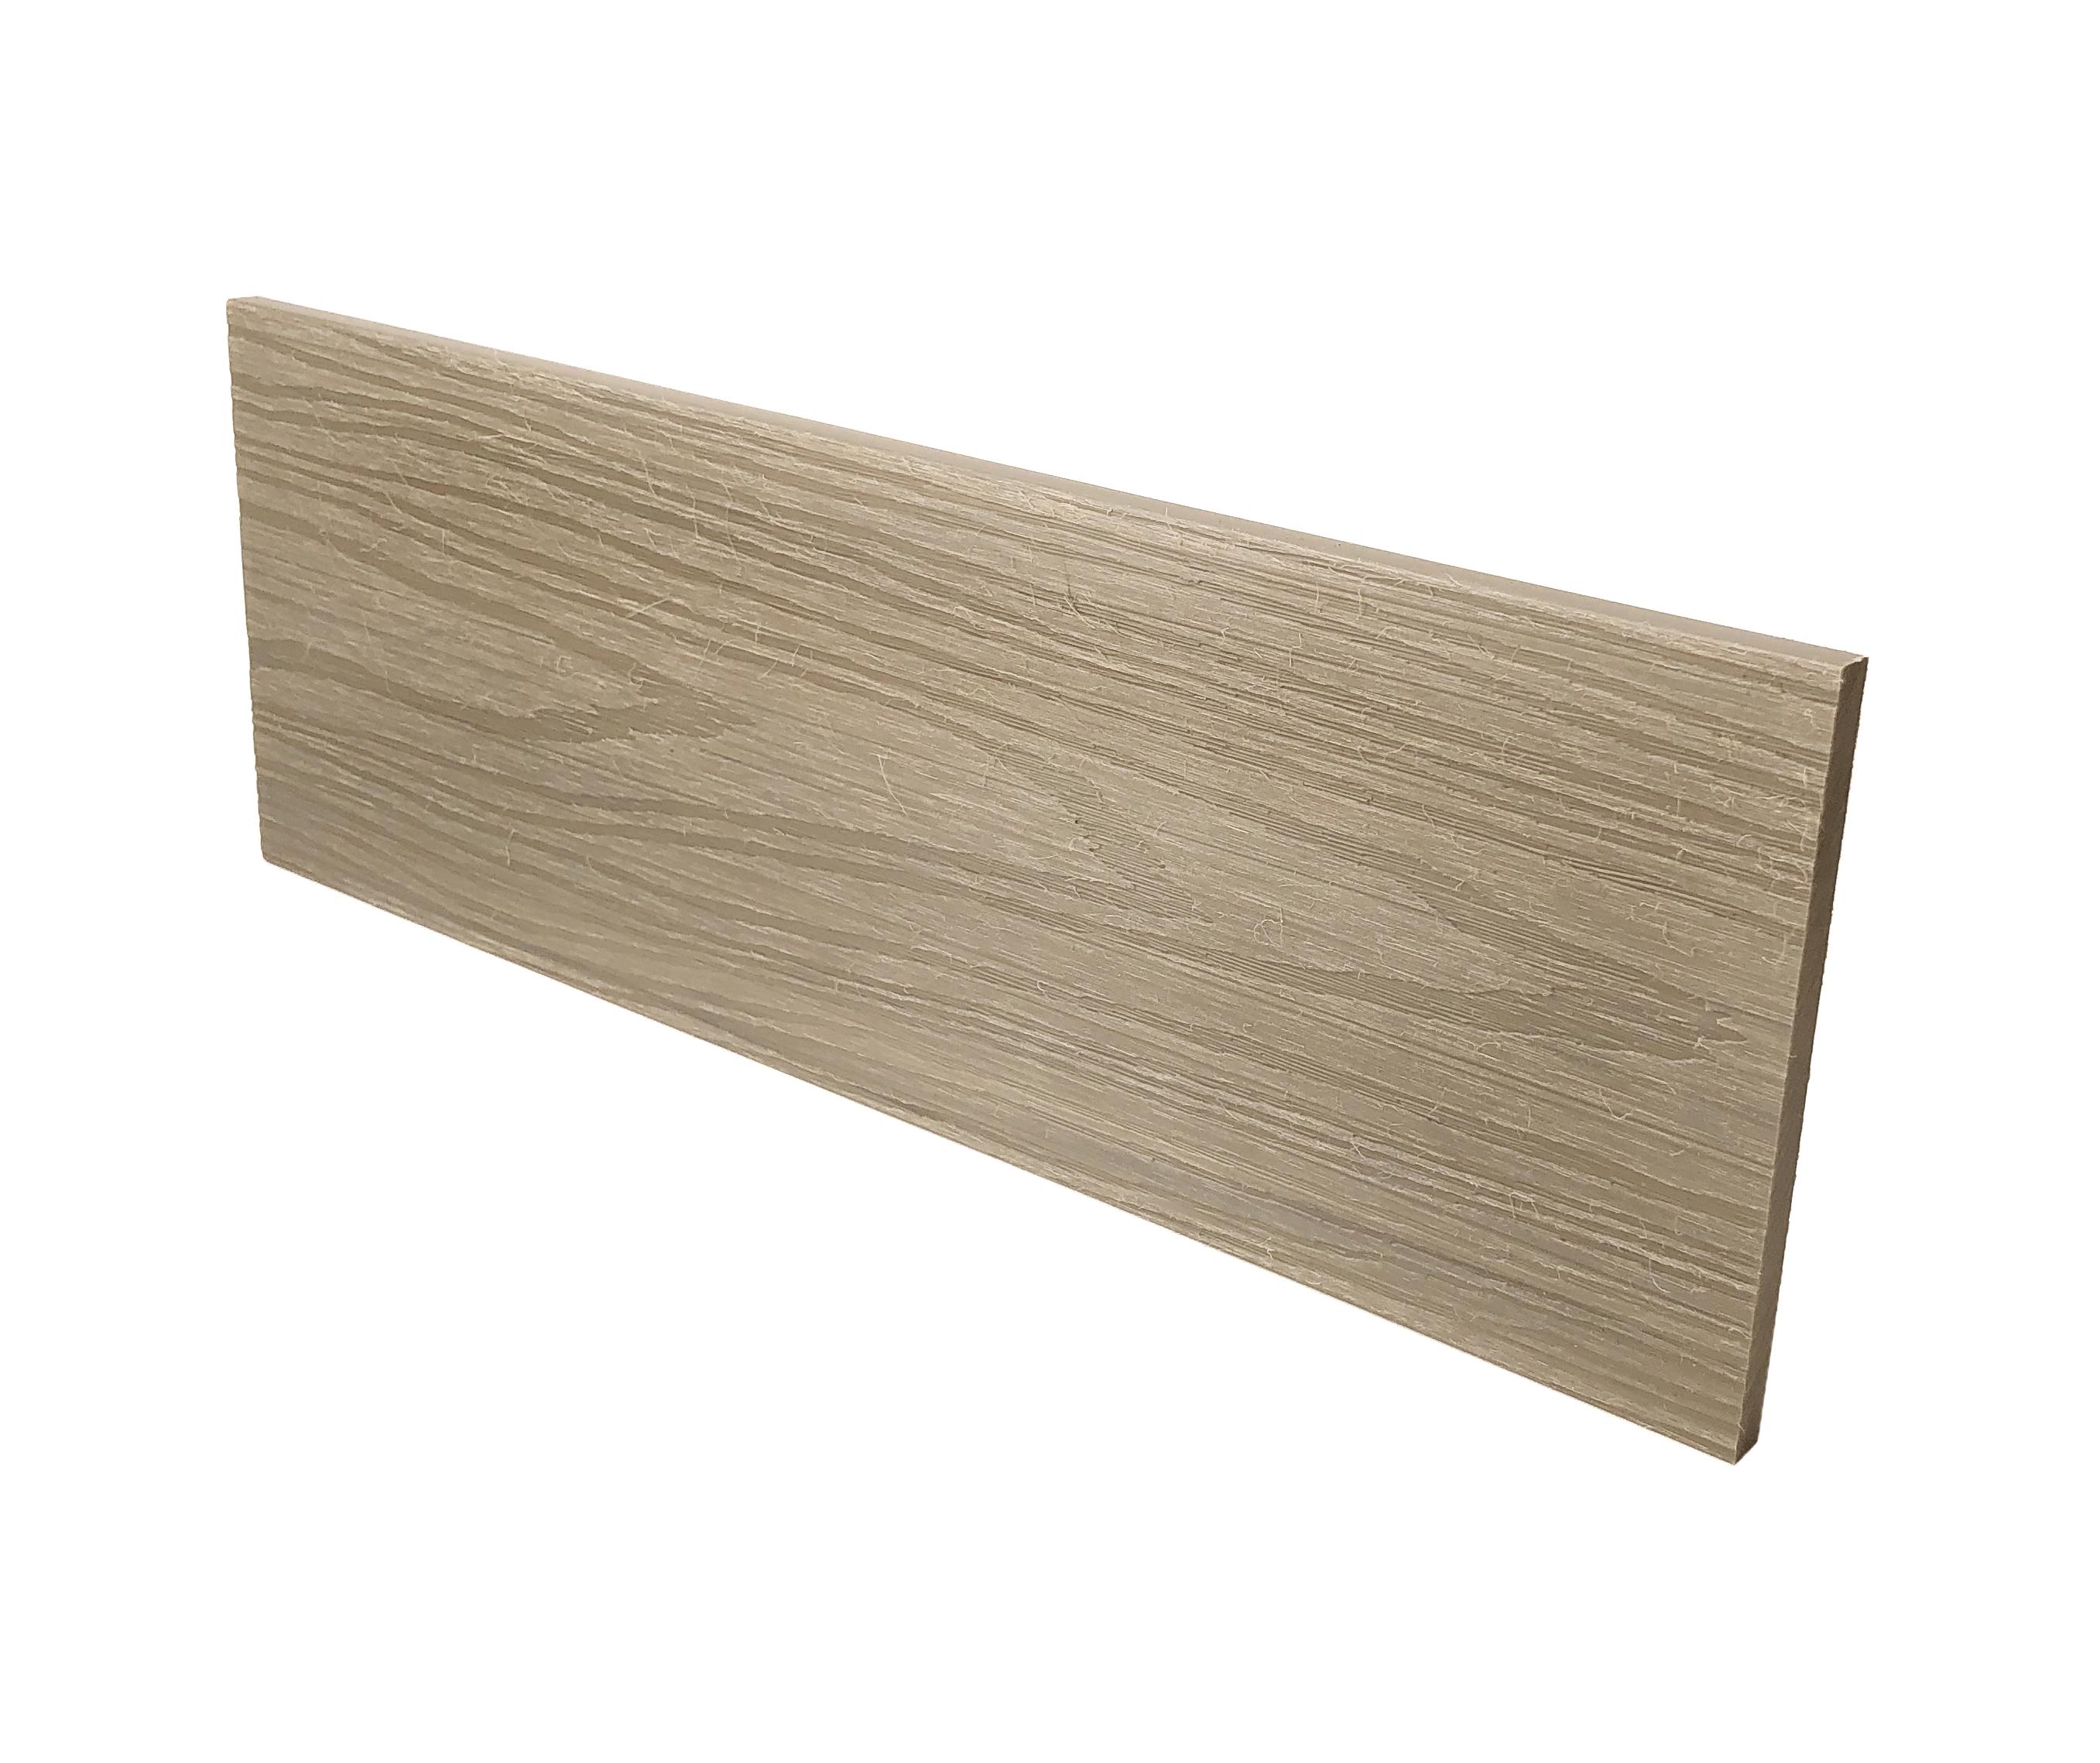 HD Deck Dual Fascia Natural Oak 150mm x 11mm x 3600mm